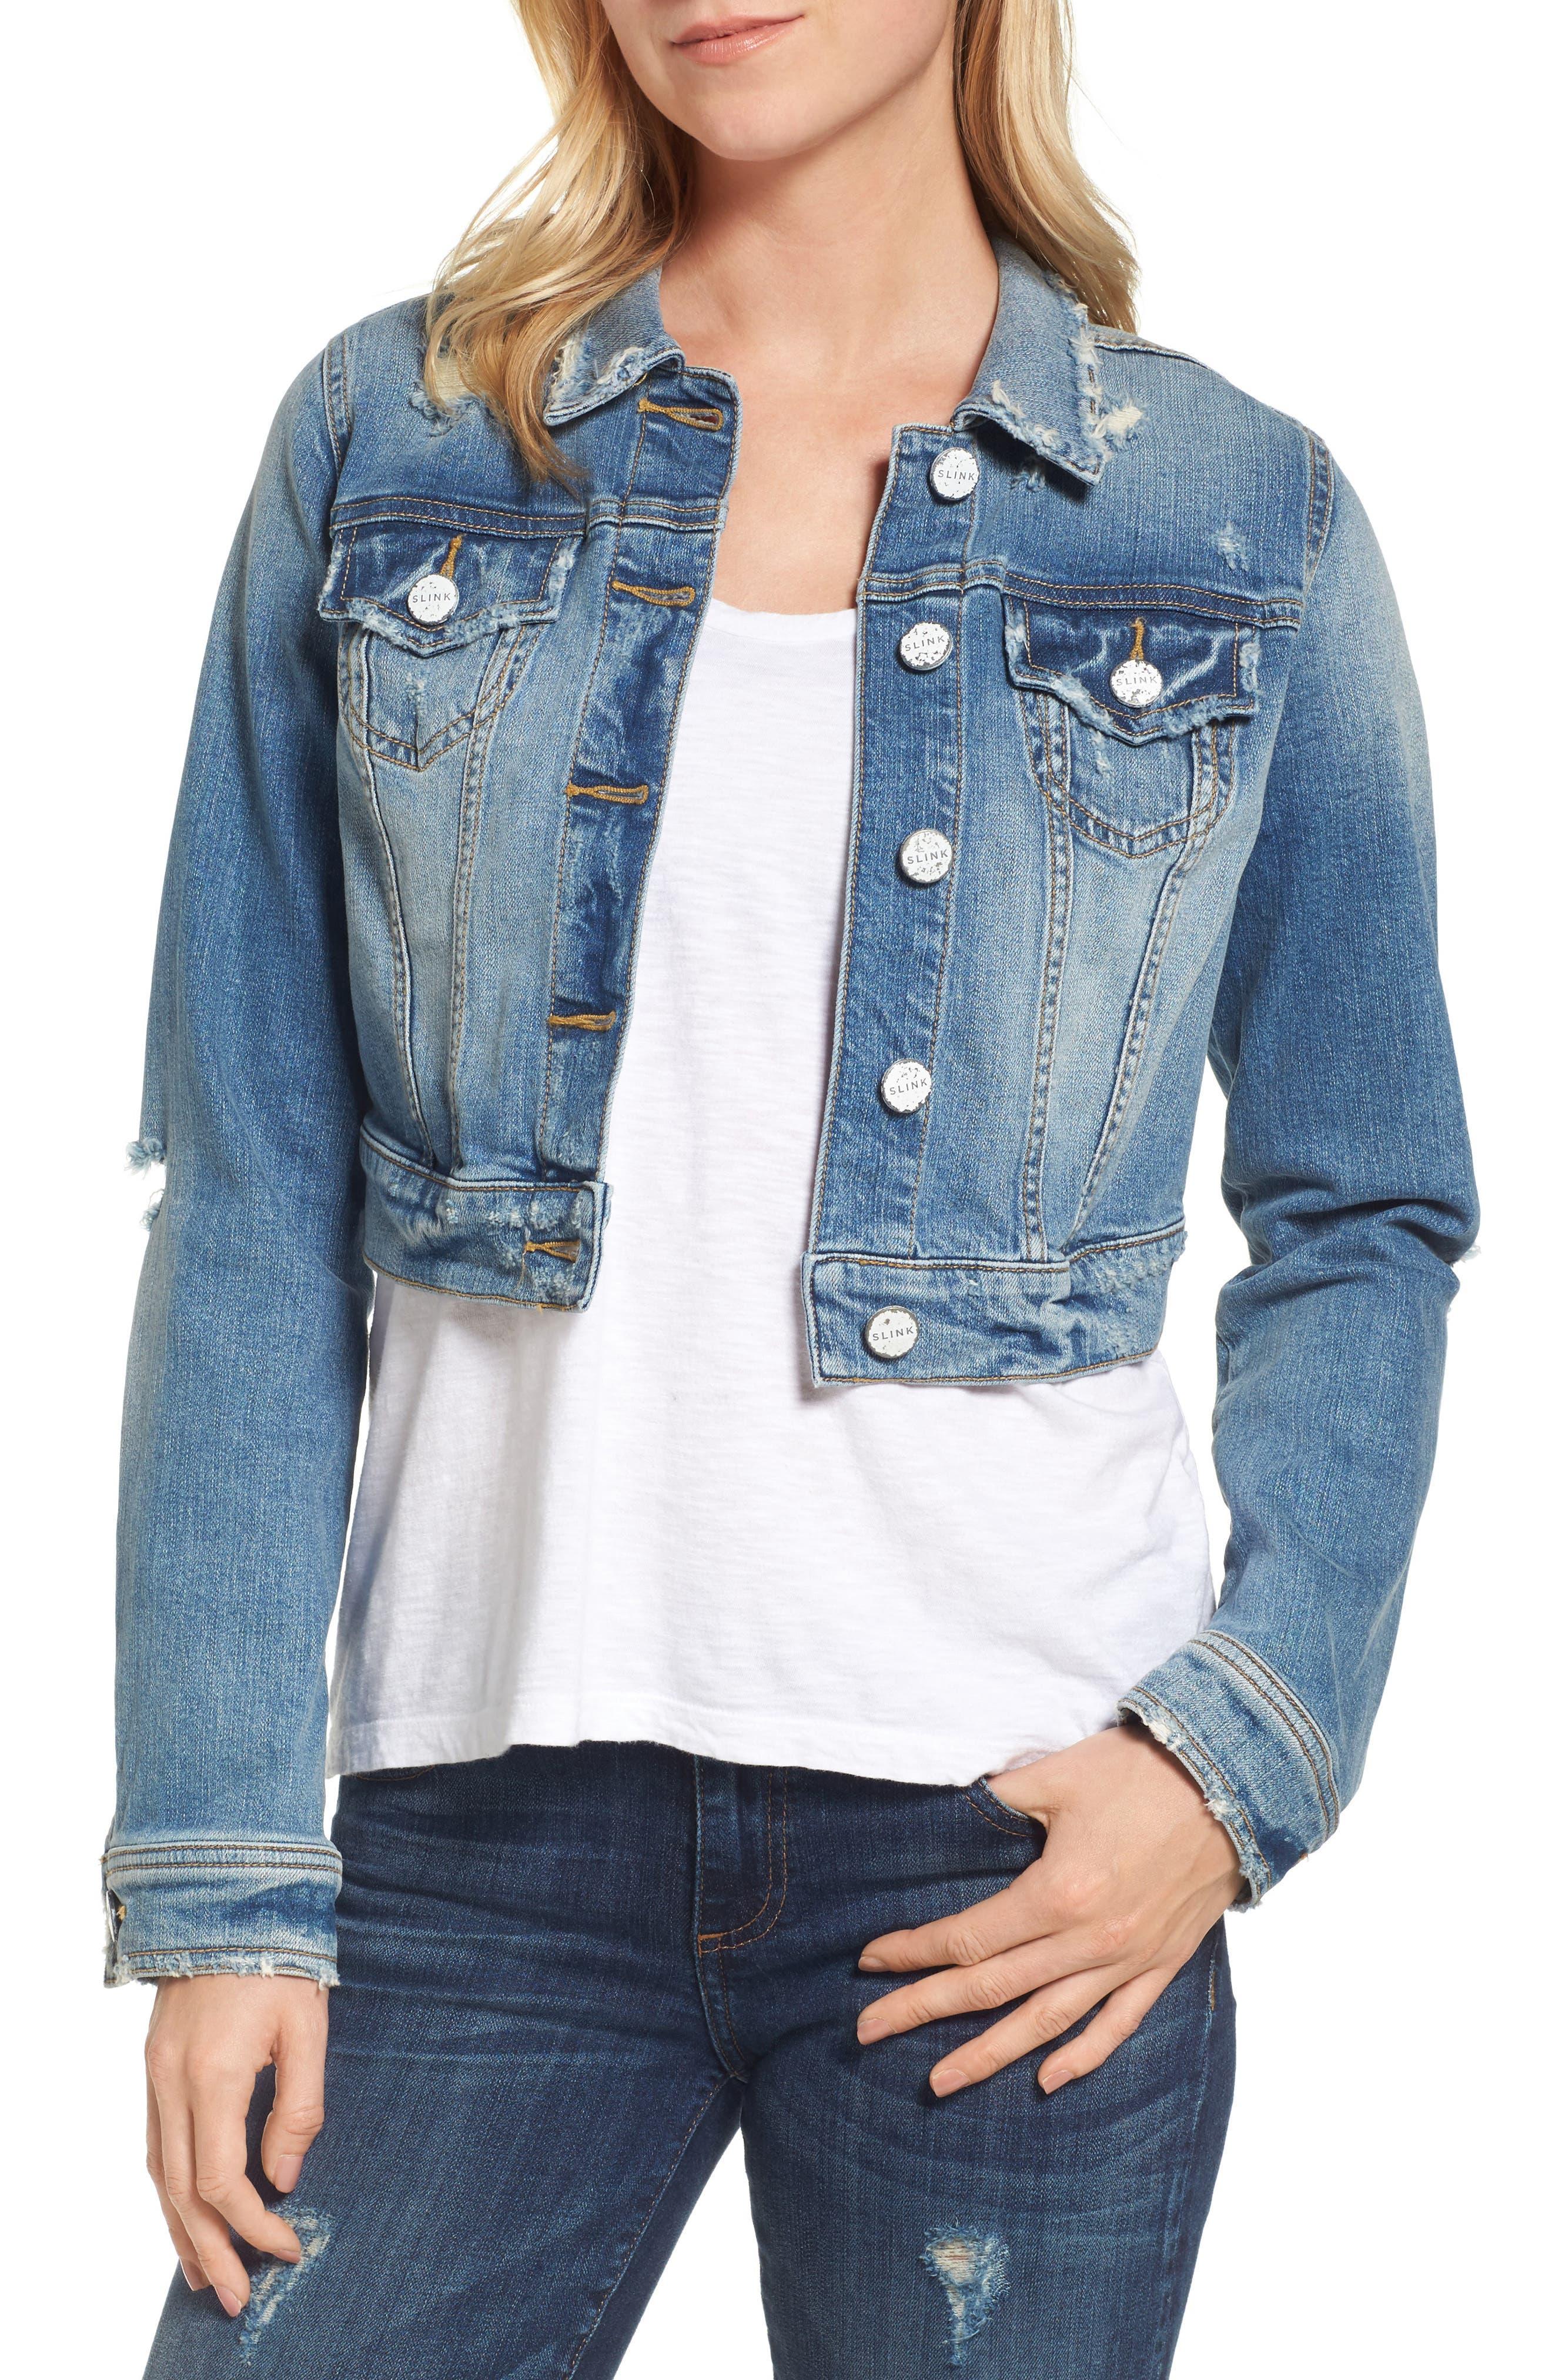 SLINK JEANS Crop Denim Jacket, Main, color, 482